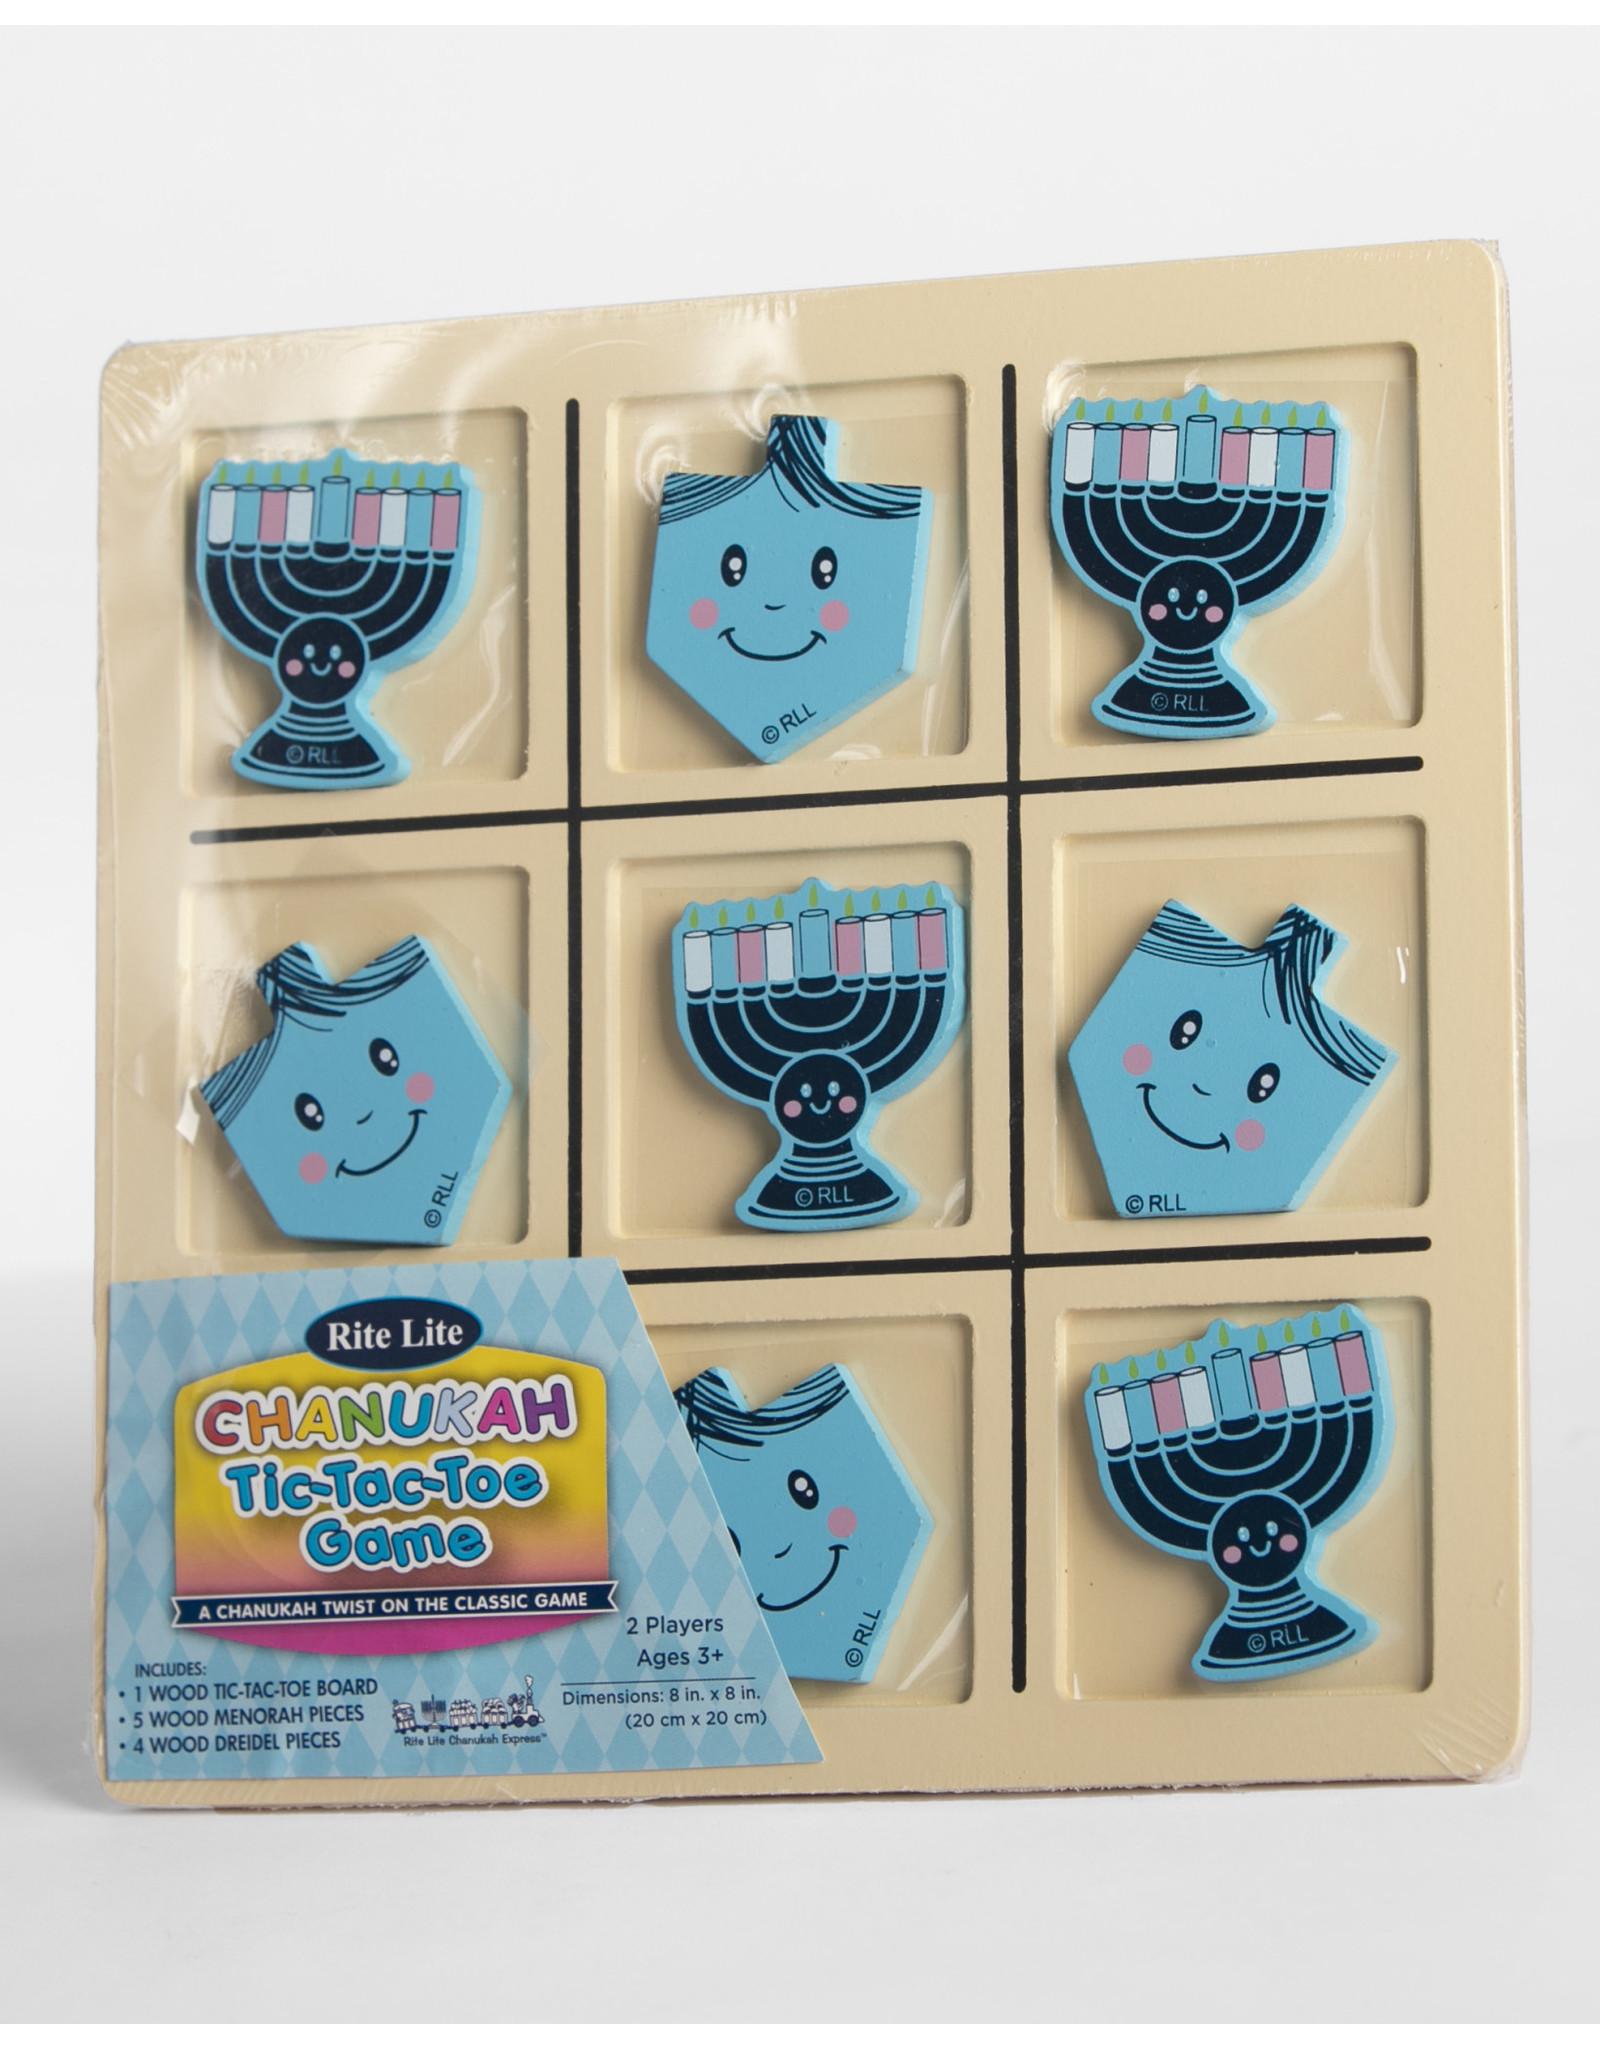 Hanukkah Tic Tac Toe